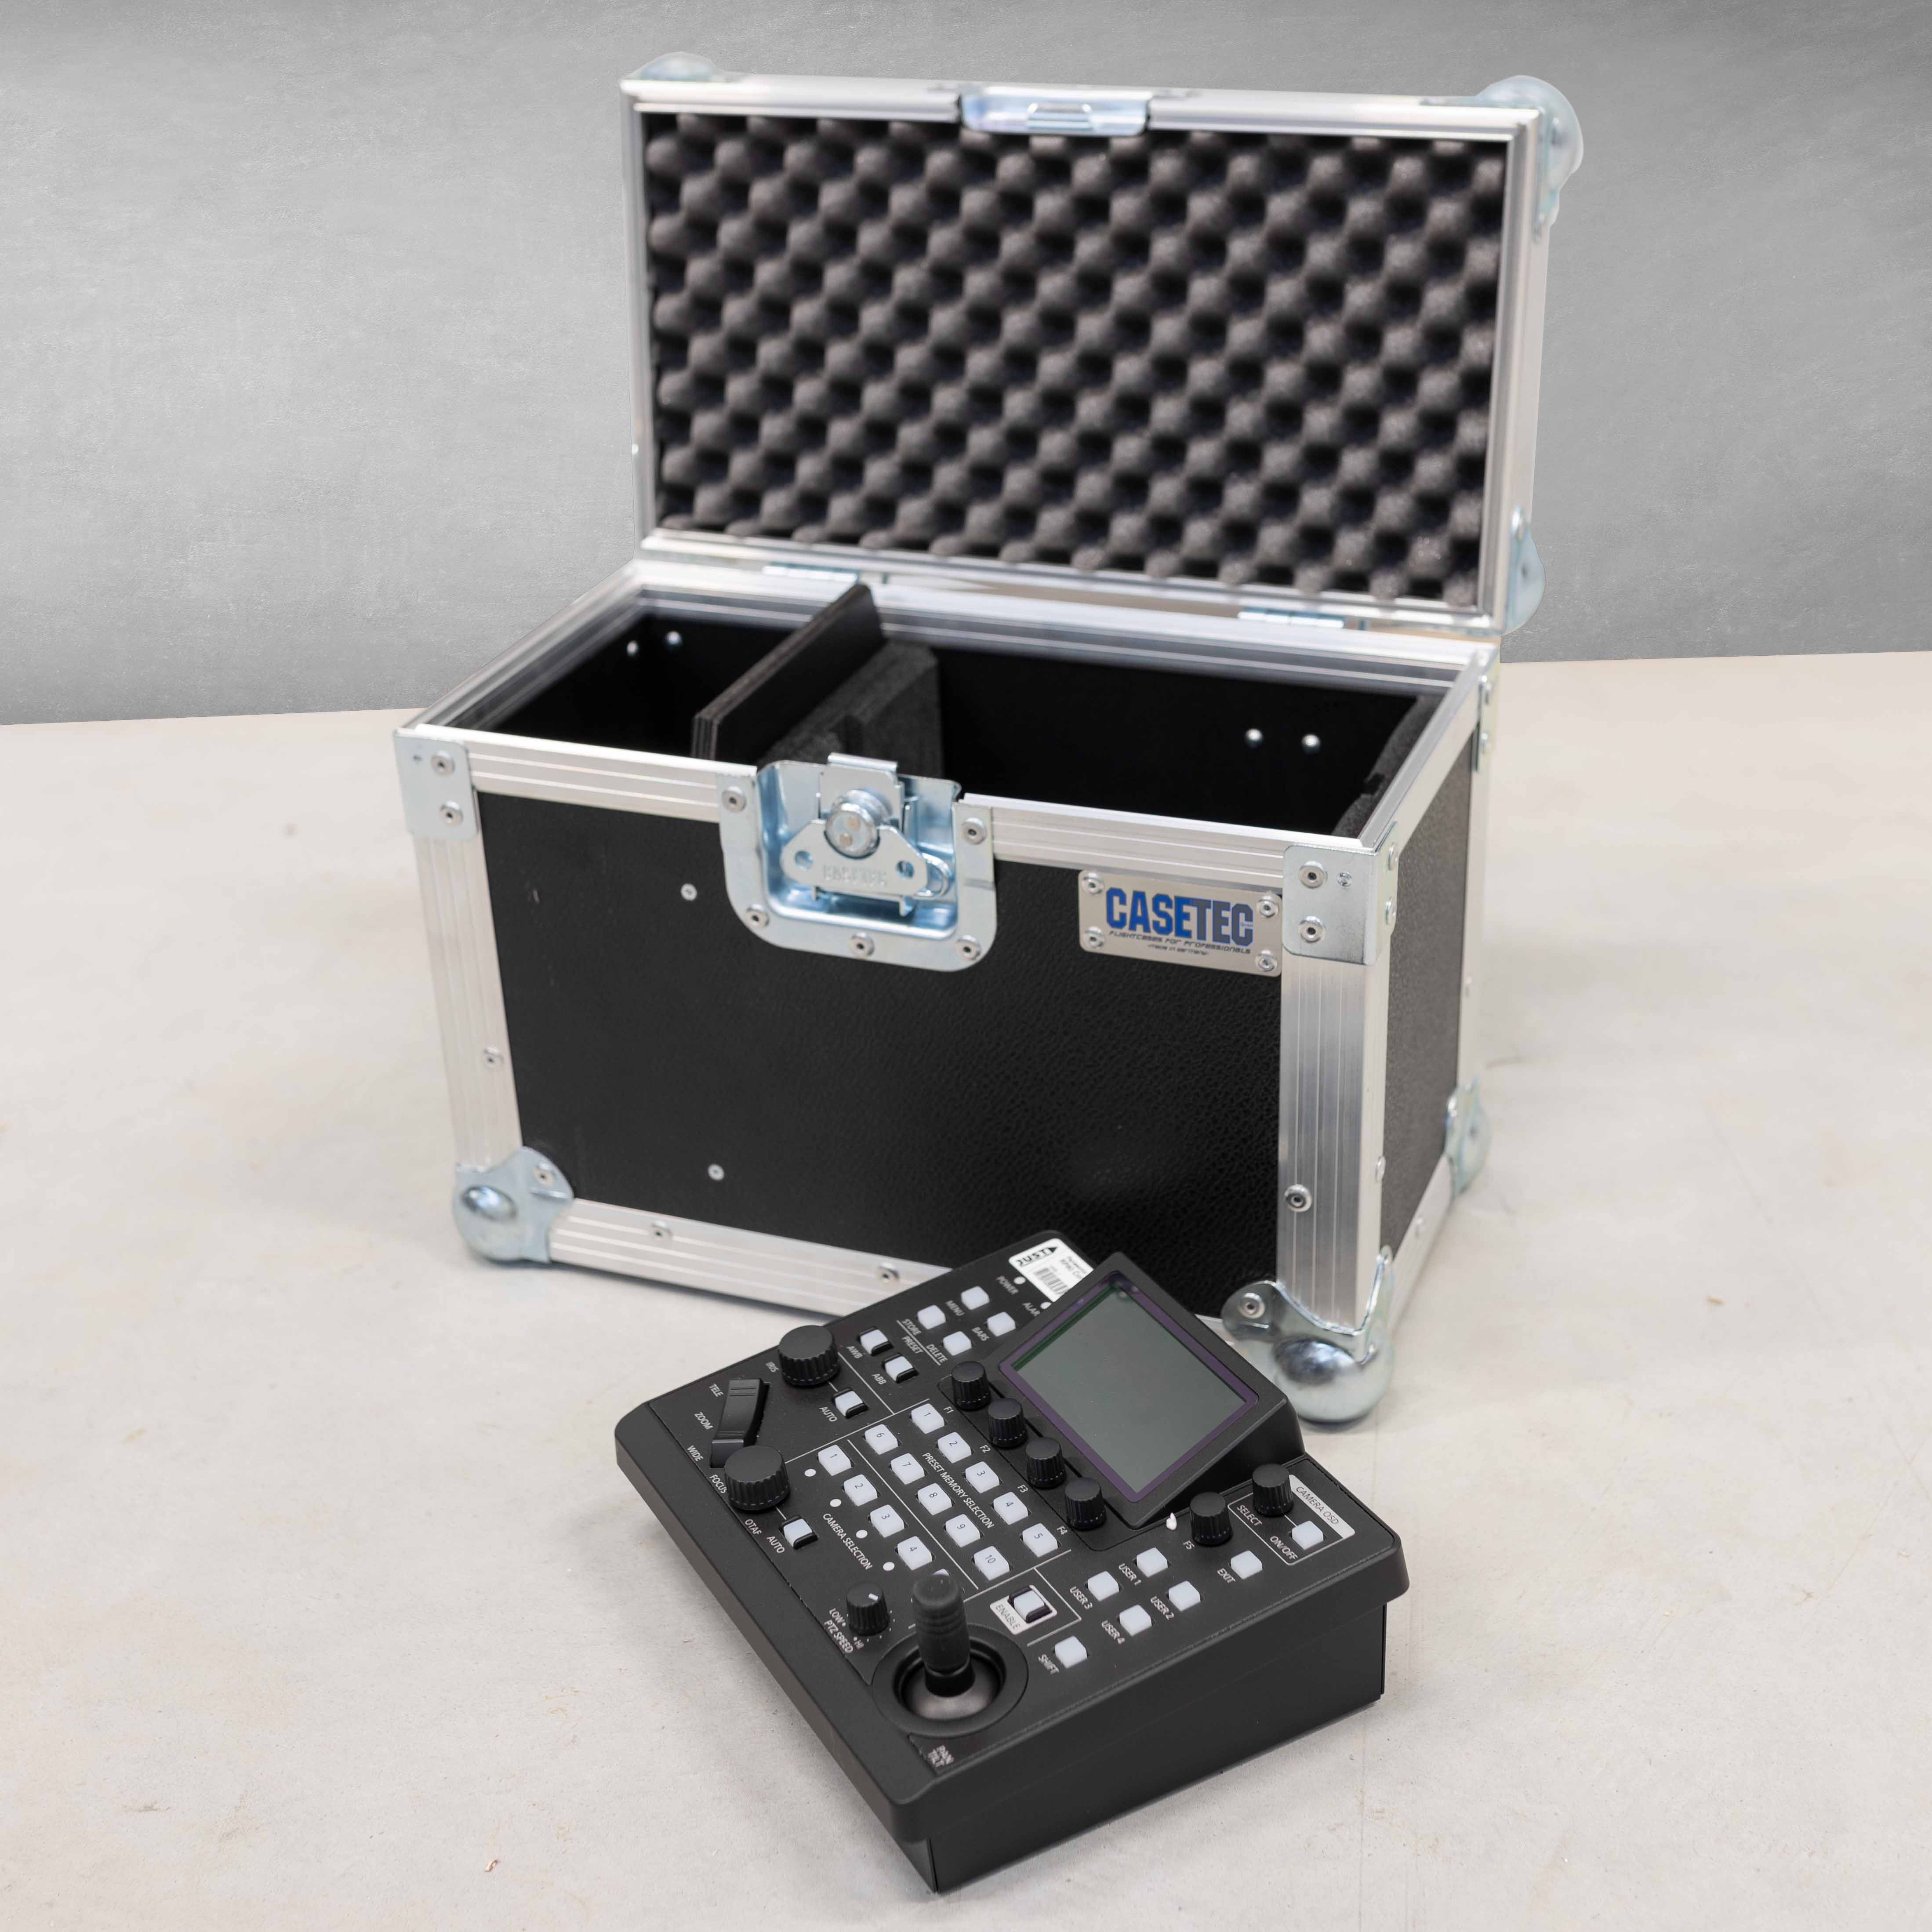 Flightcase für eine Panasonic AW-RP60